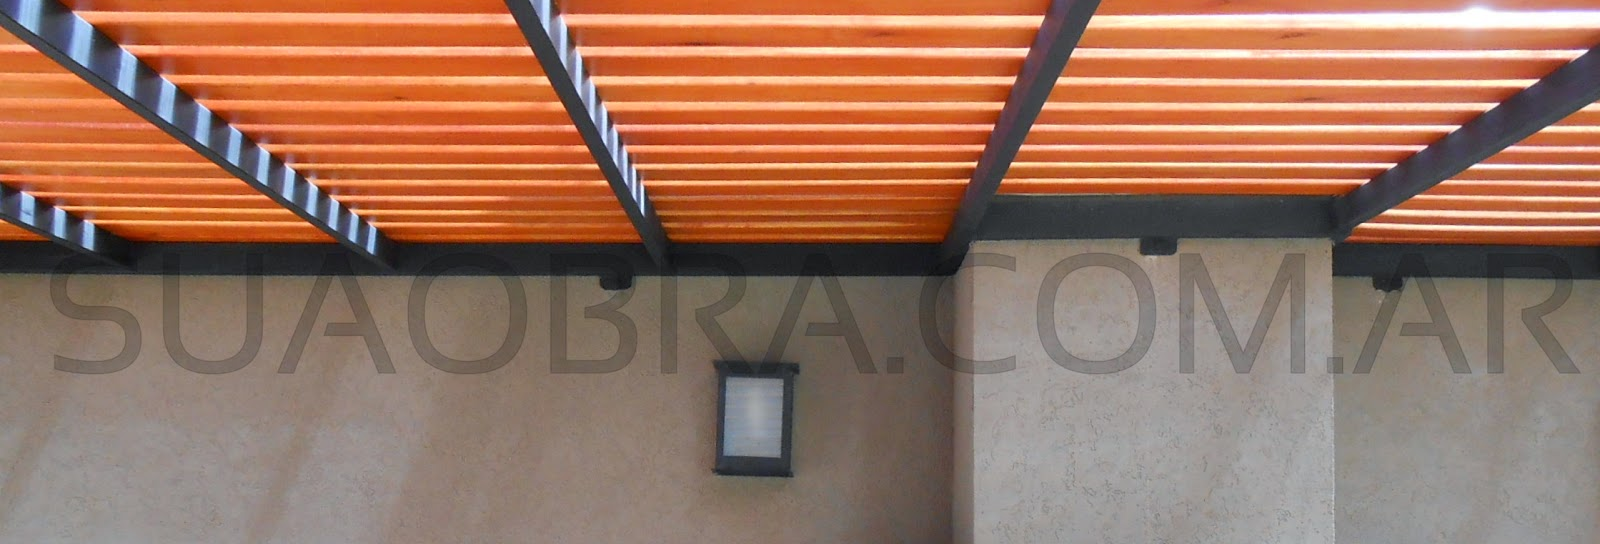 Tarquini aplicacion revestimientos plasticos exteriores - Revestimiento paredes exterior ...